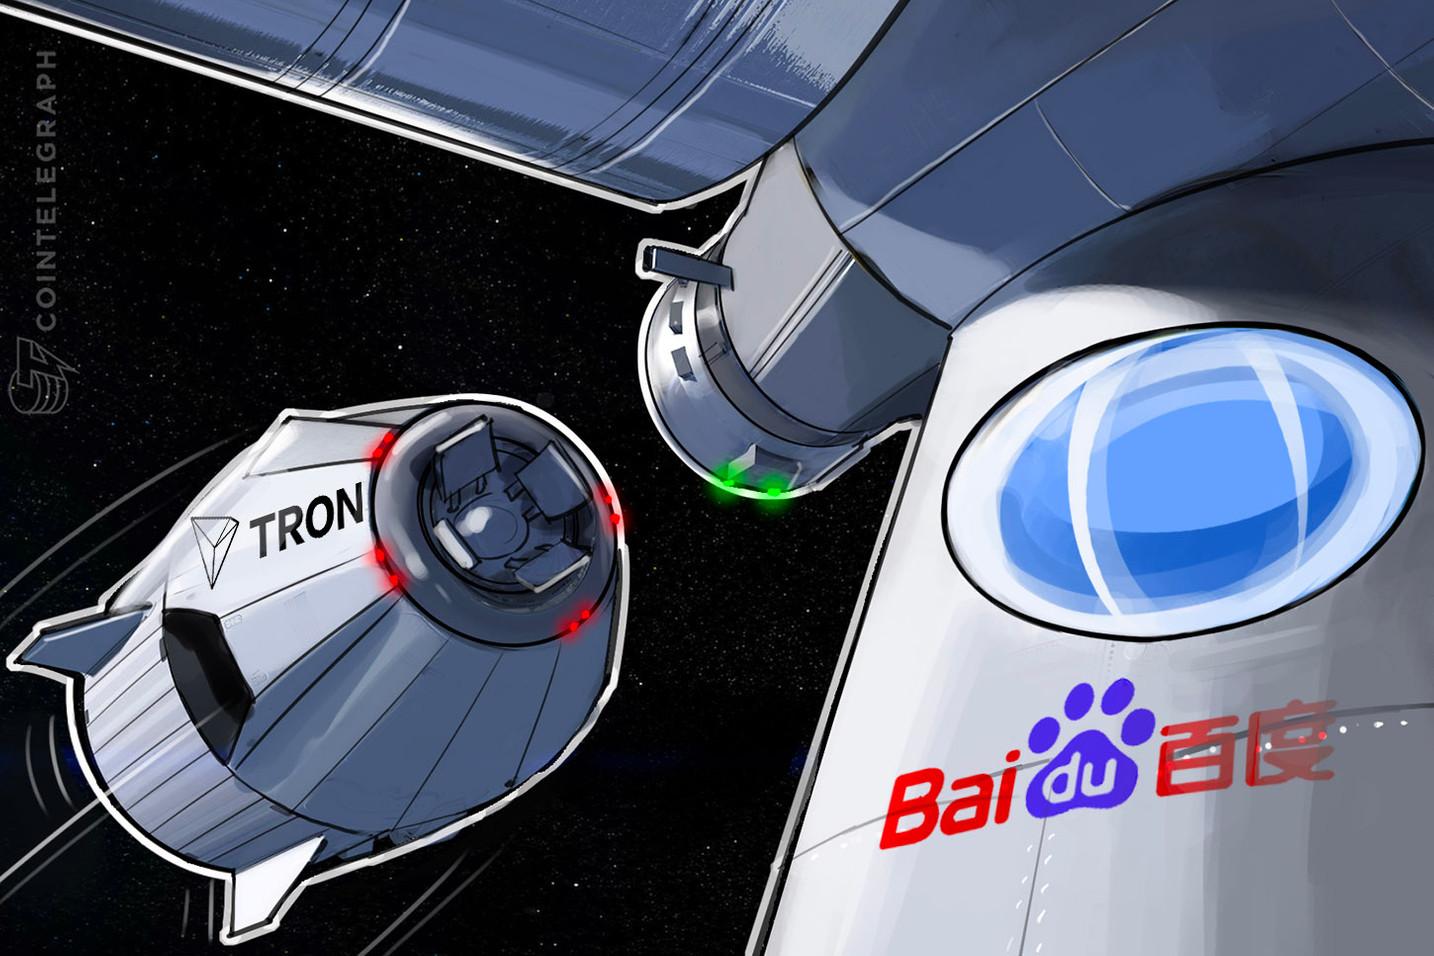 Sin confirmar: TRON se asociará con 'Google de China', Baidu